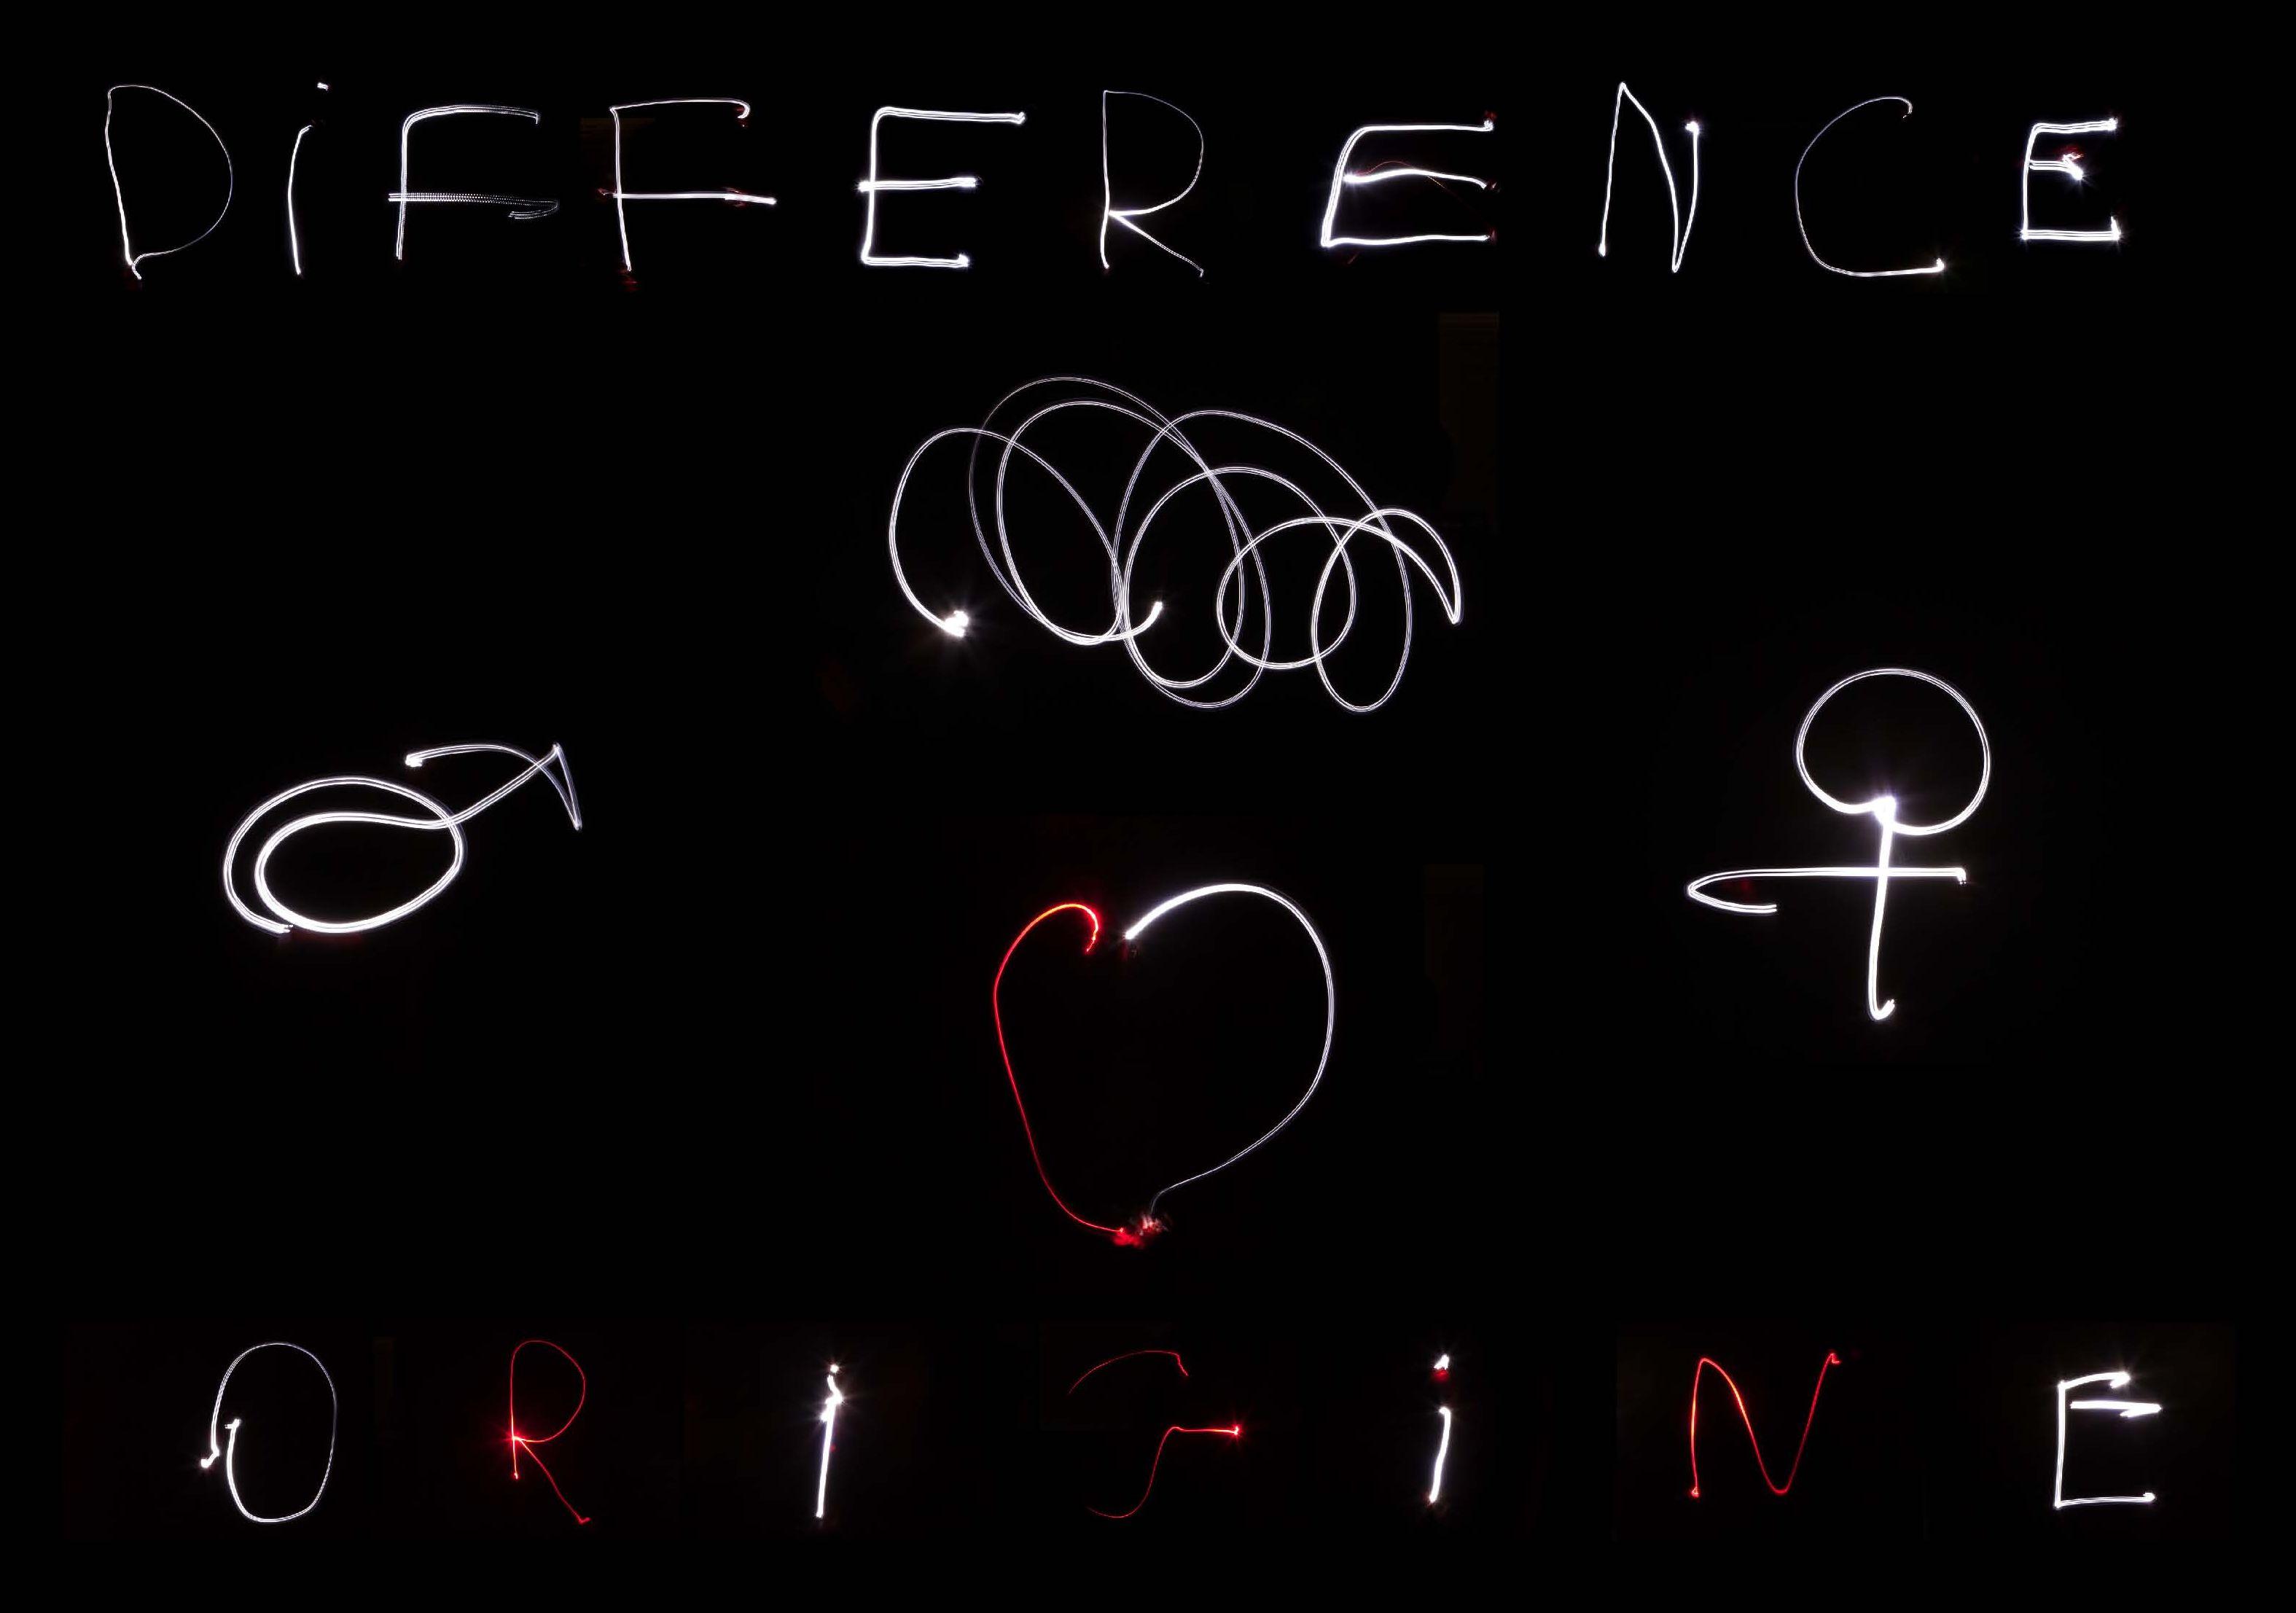 Light Painting réalisation ulis marsillargues thème différence